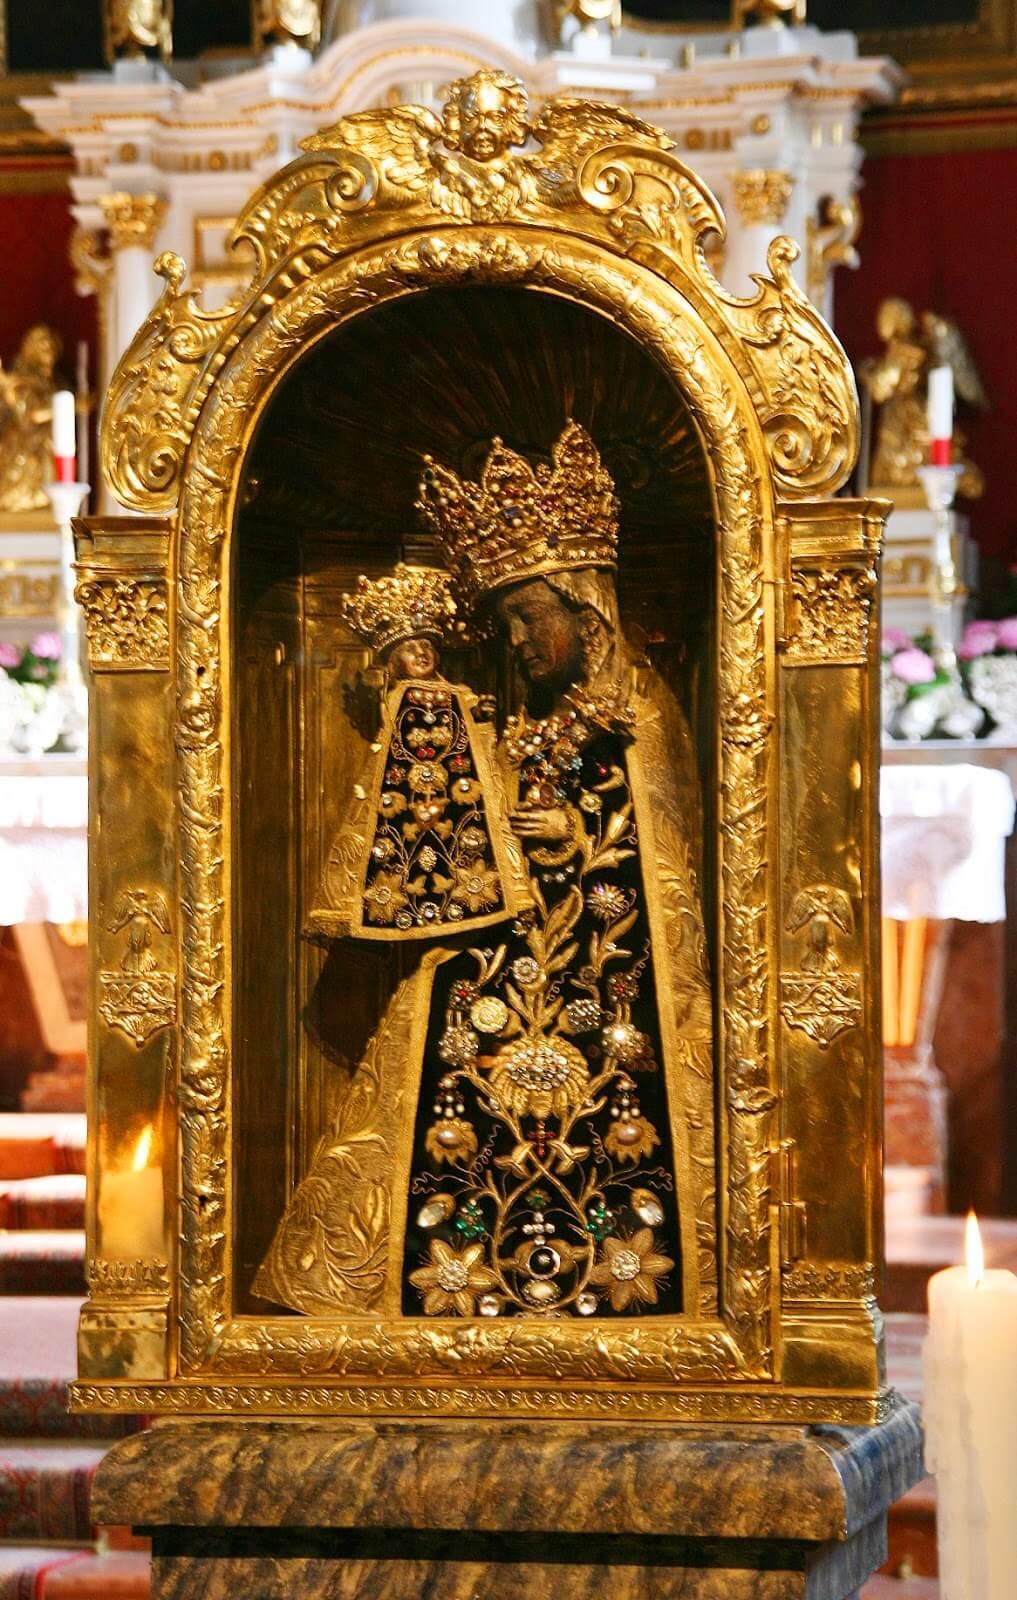 Nuestra Señora de las gracias de Altotting